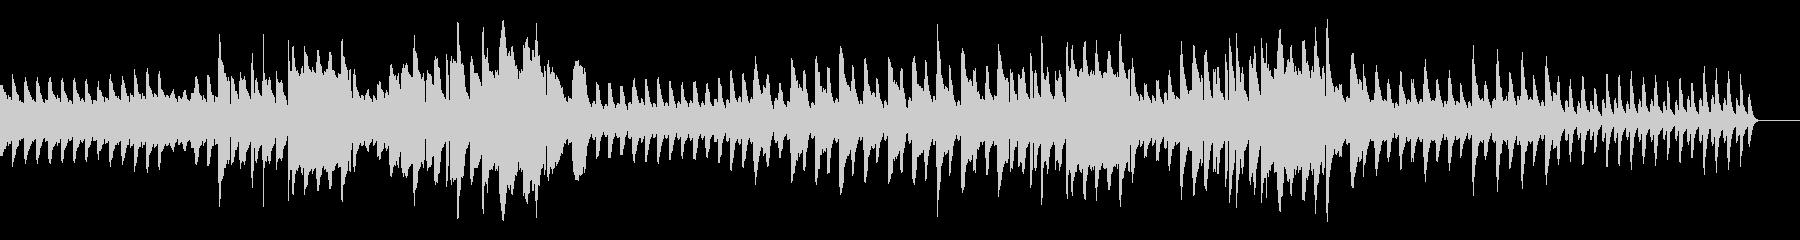 日常・暮らし(ピアノ・リコーダー)の未再生の波形